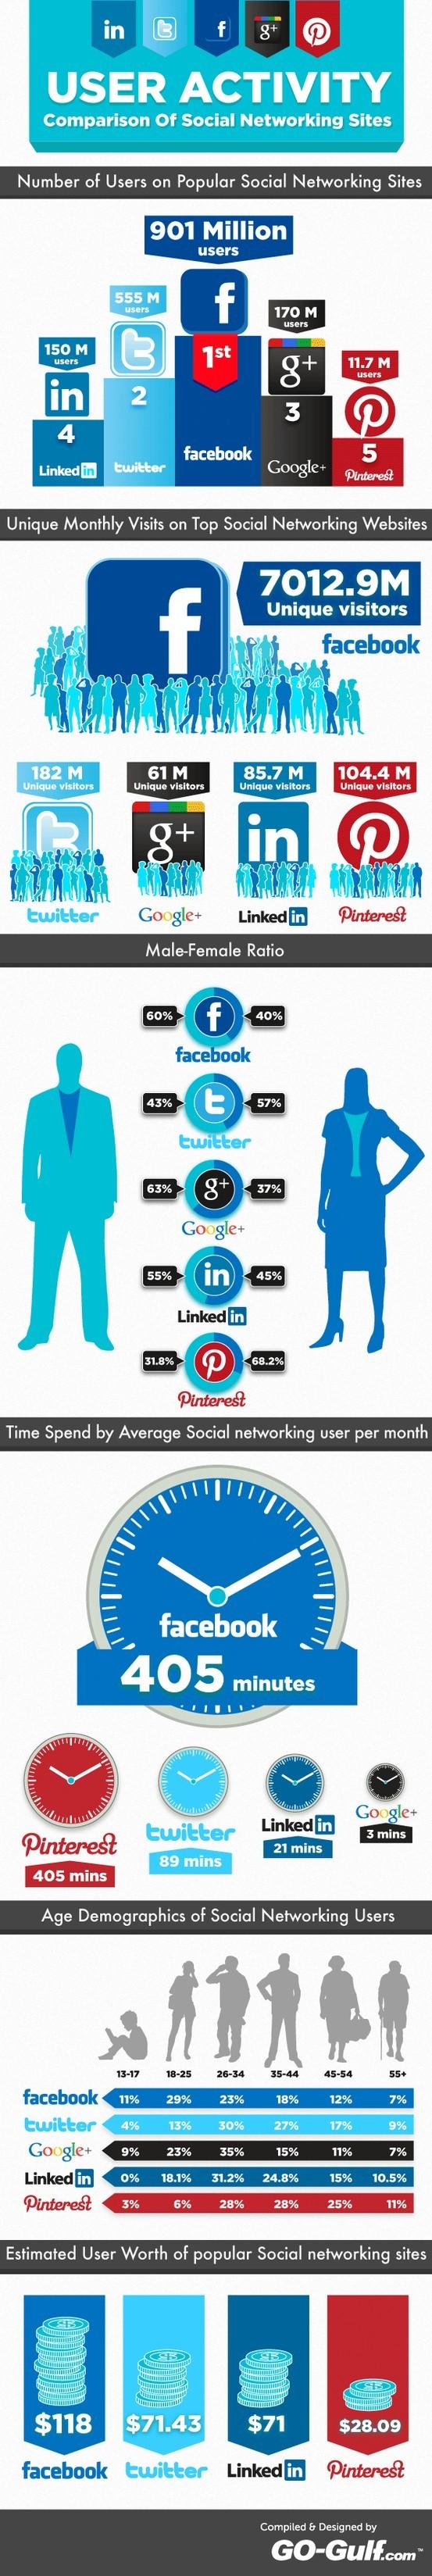 Sjajna ikonografija o korištenju socijalnih mreža